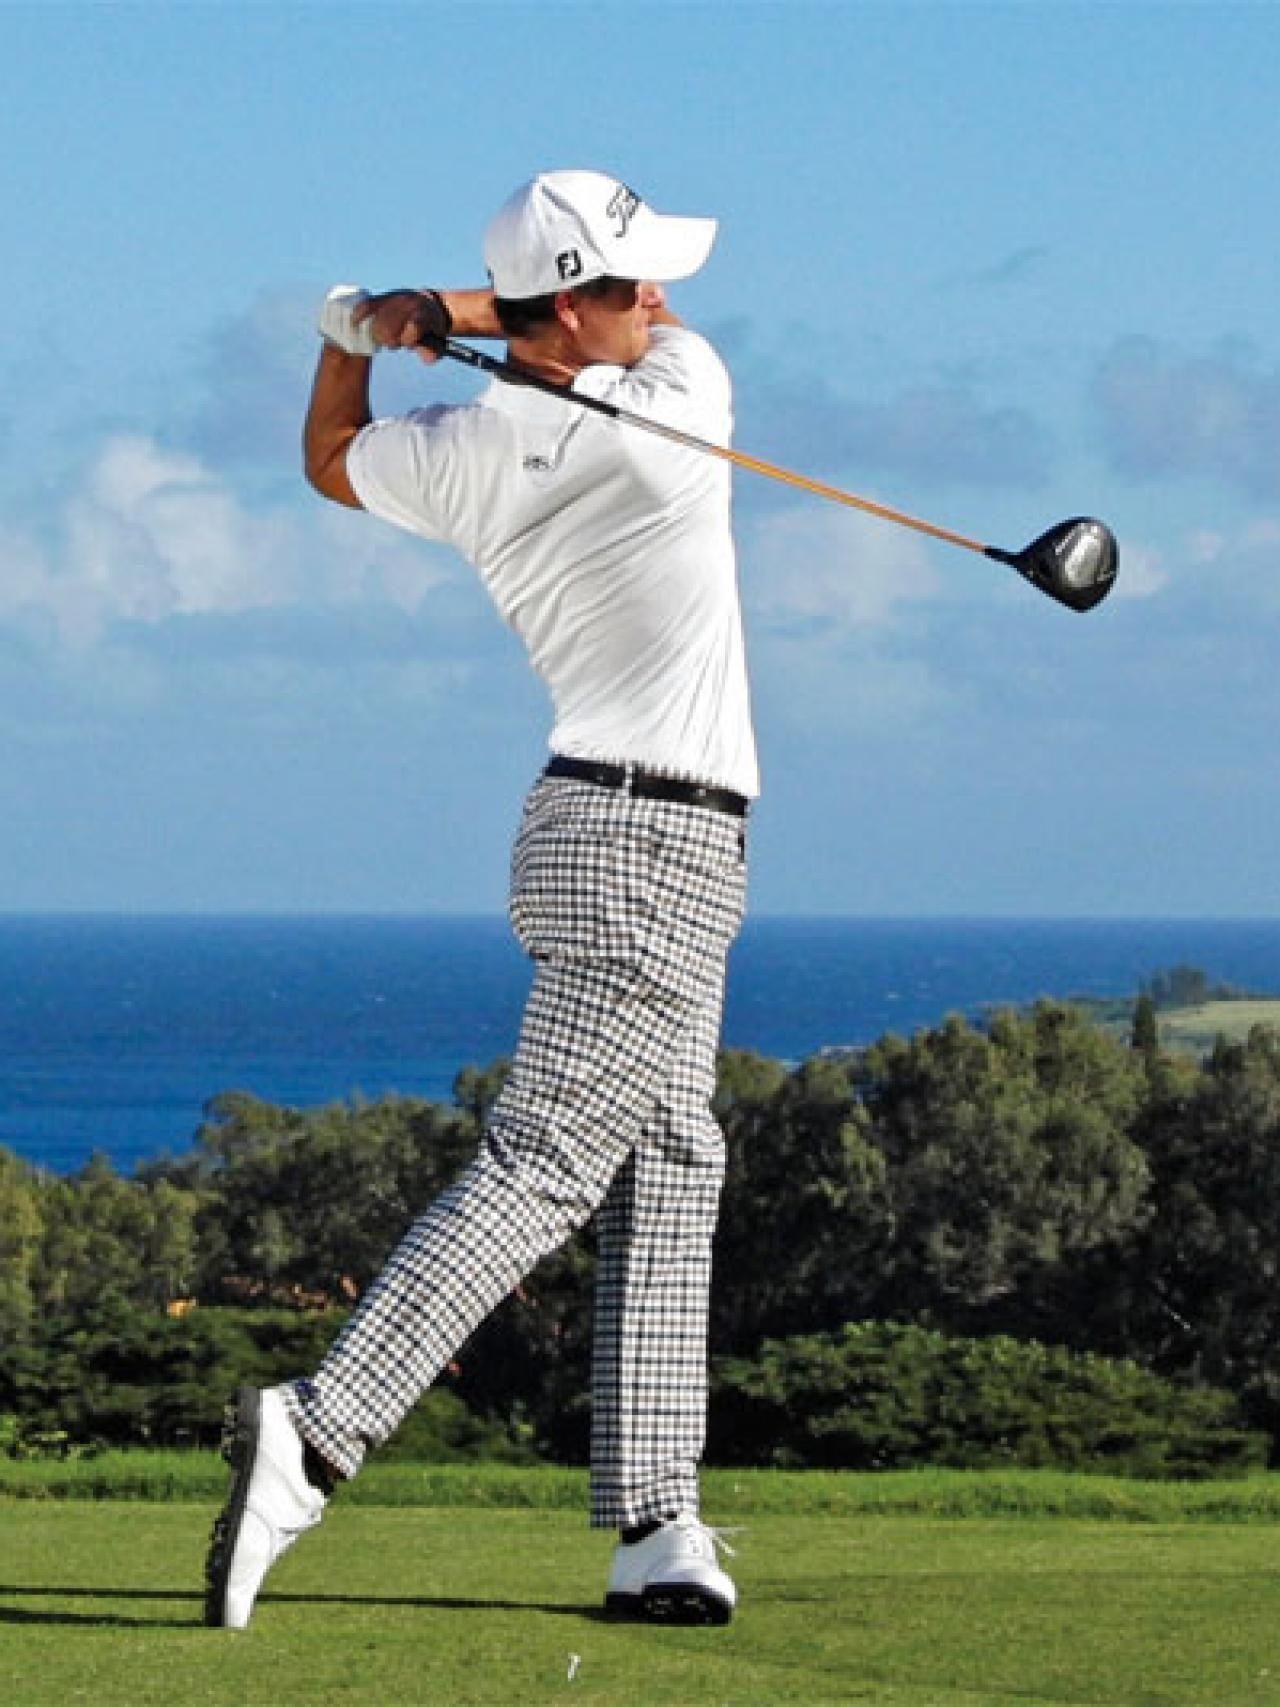 34+ Adam wood golf viral